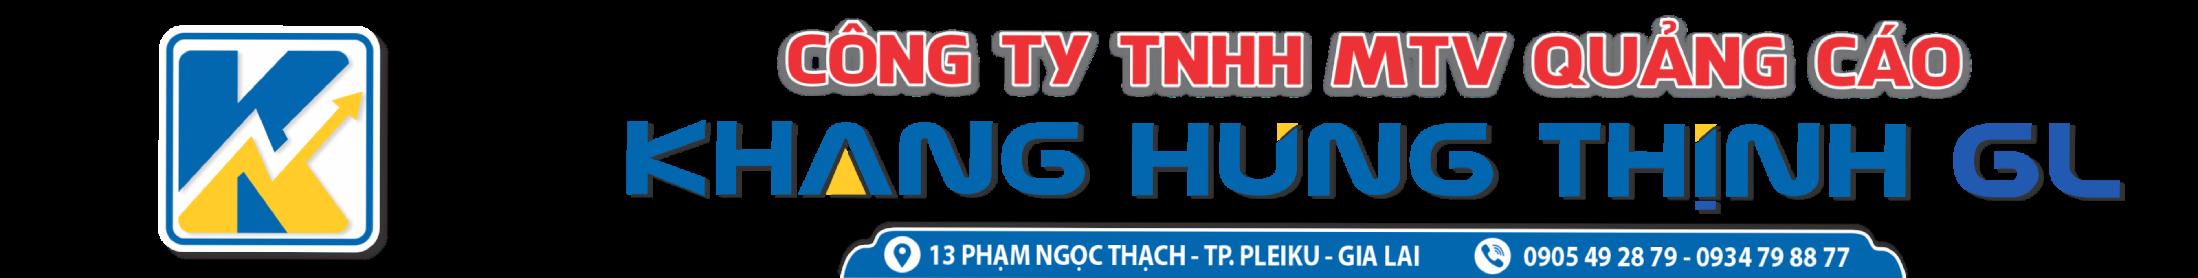 Công Ty TNHH MTV Quảng Cáo Khang Hưng Thịnh GL